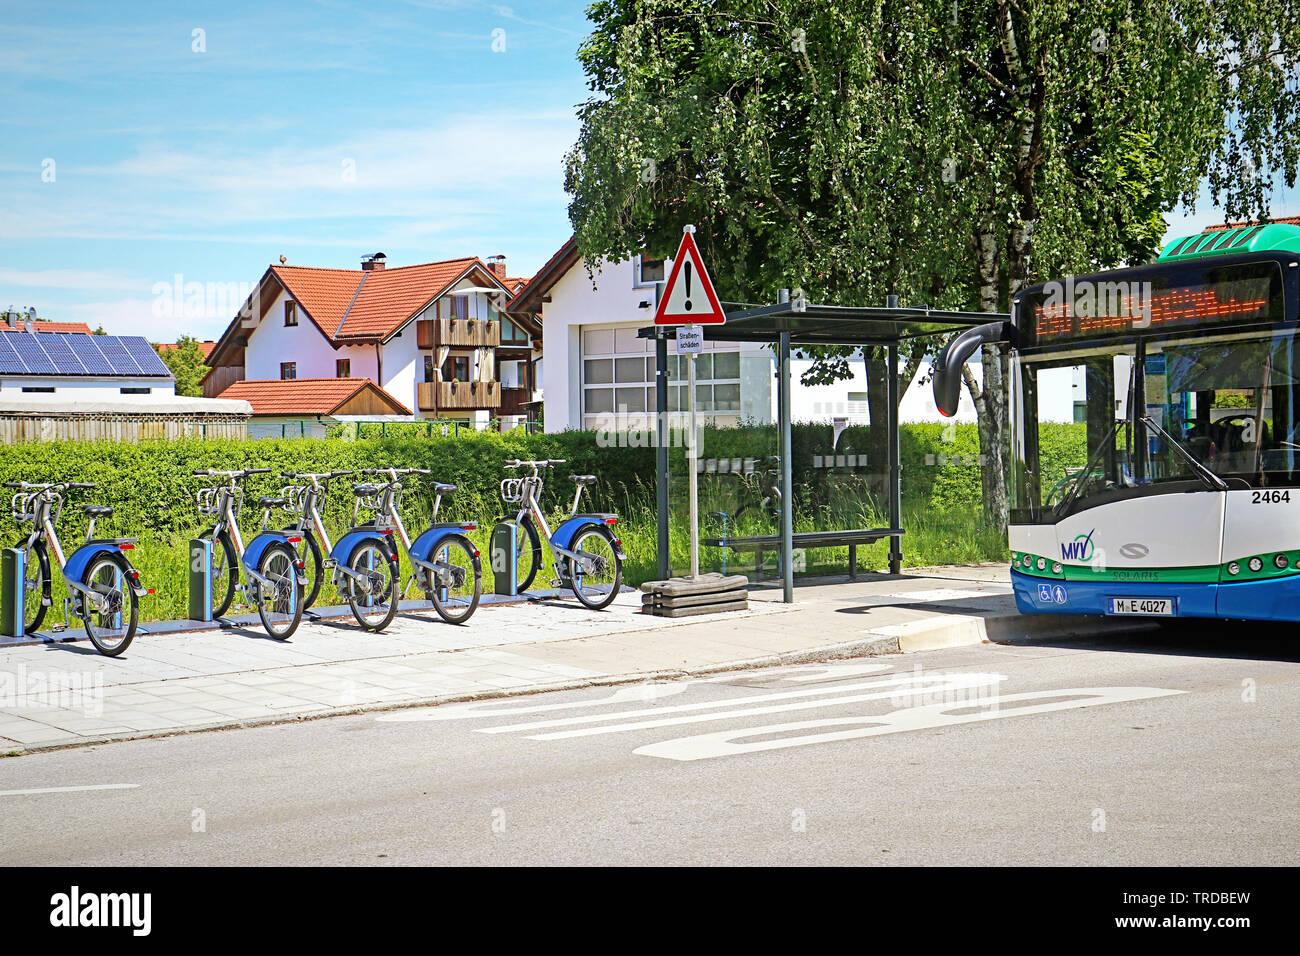 GARCHING, Alemania - listo para alquilar bicicletas eléctricas convenientemente alineada en la acera cerca de la parada de autobús. Foto de stock